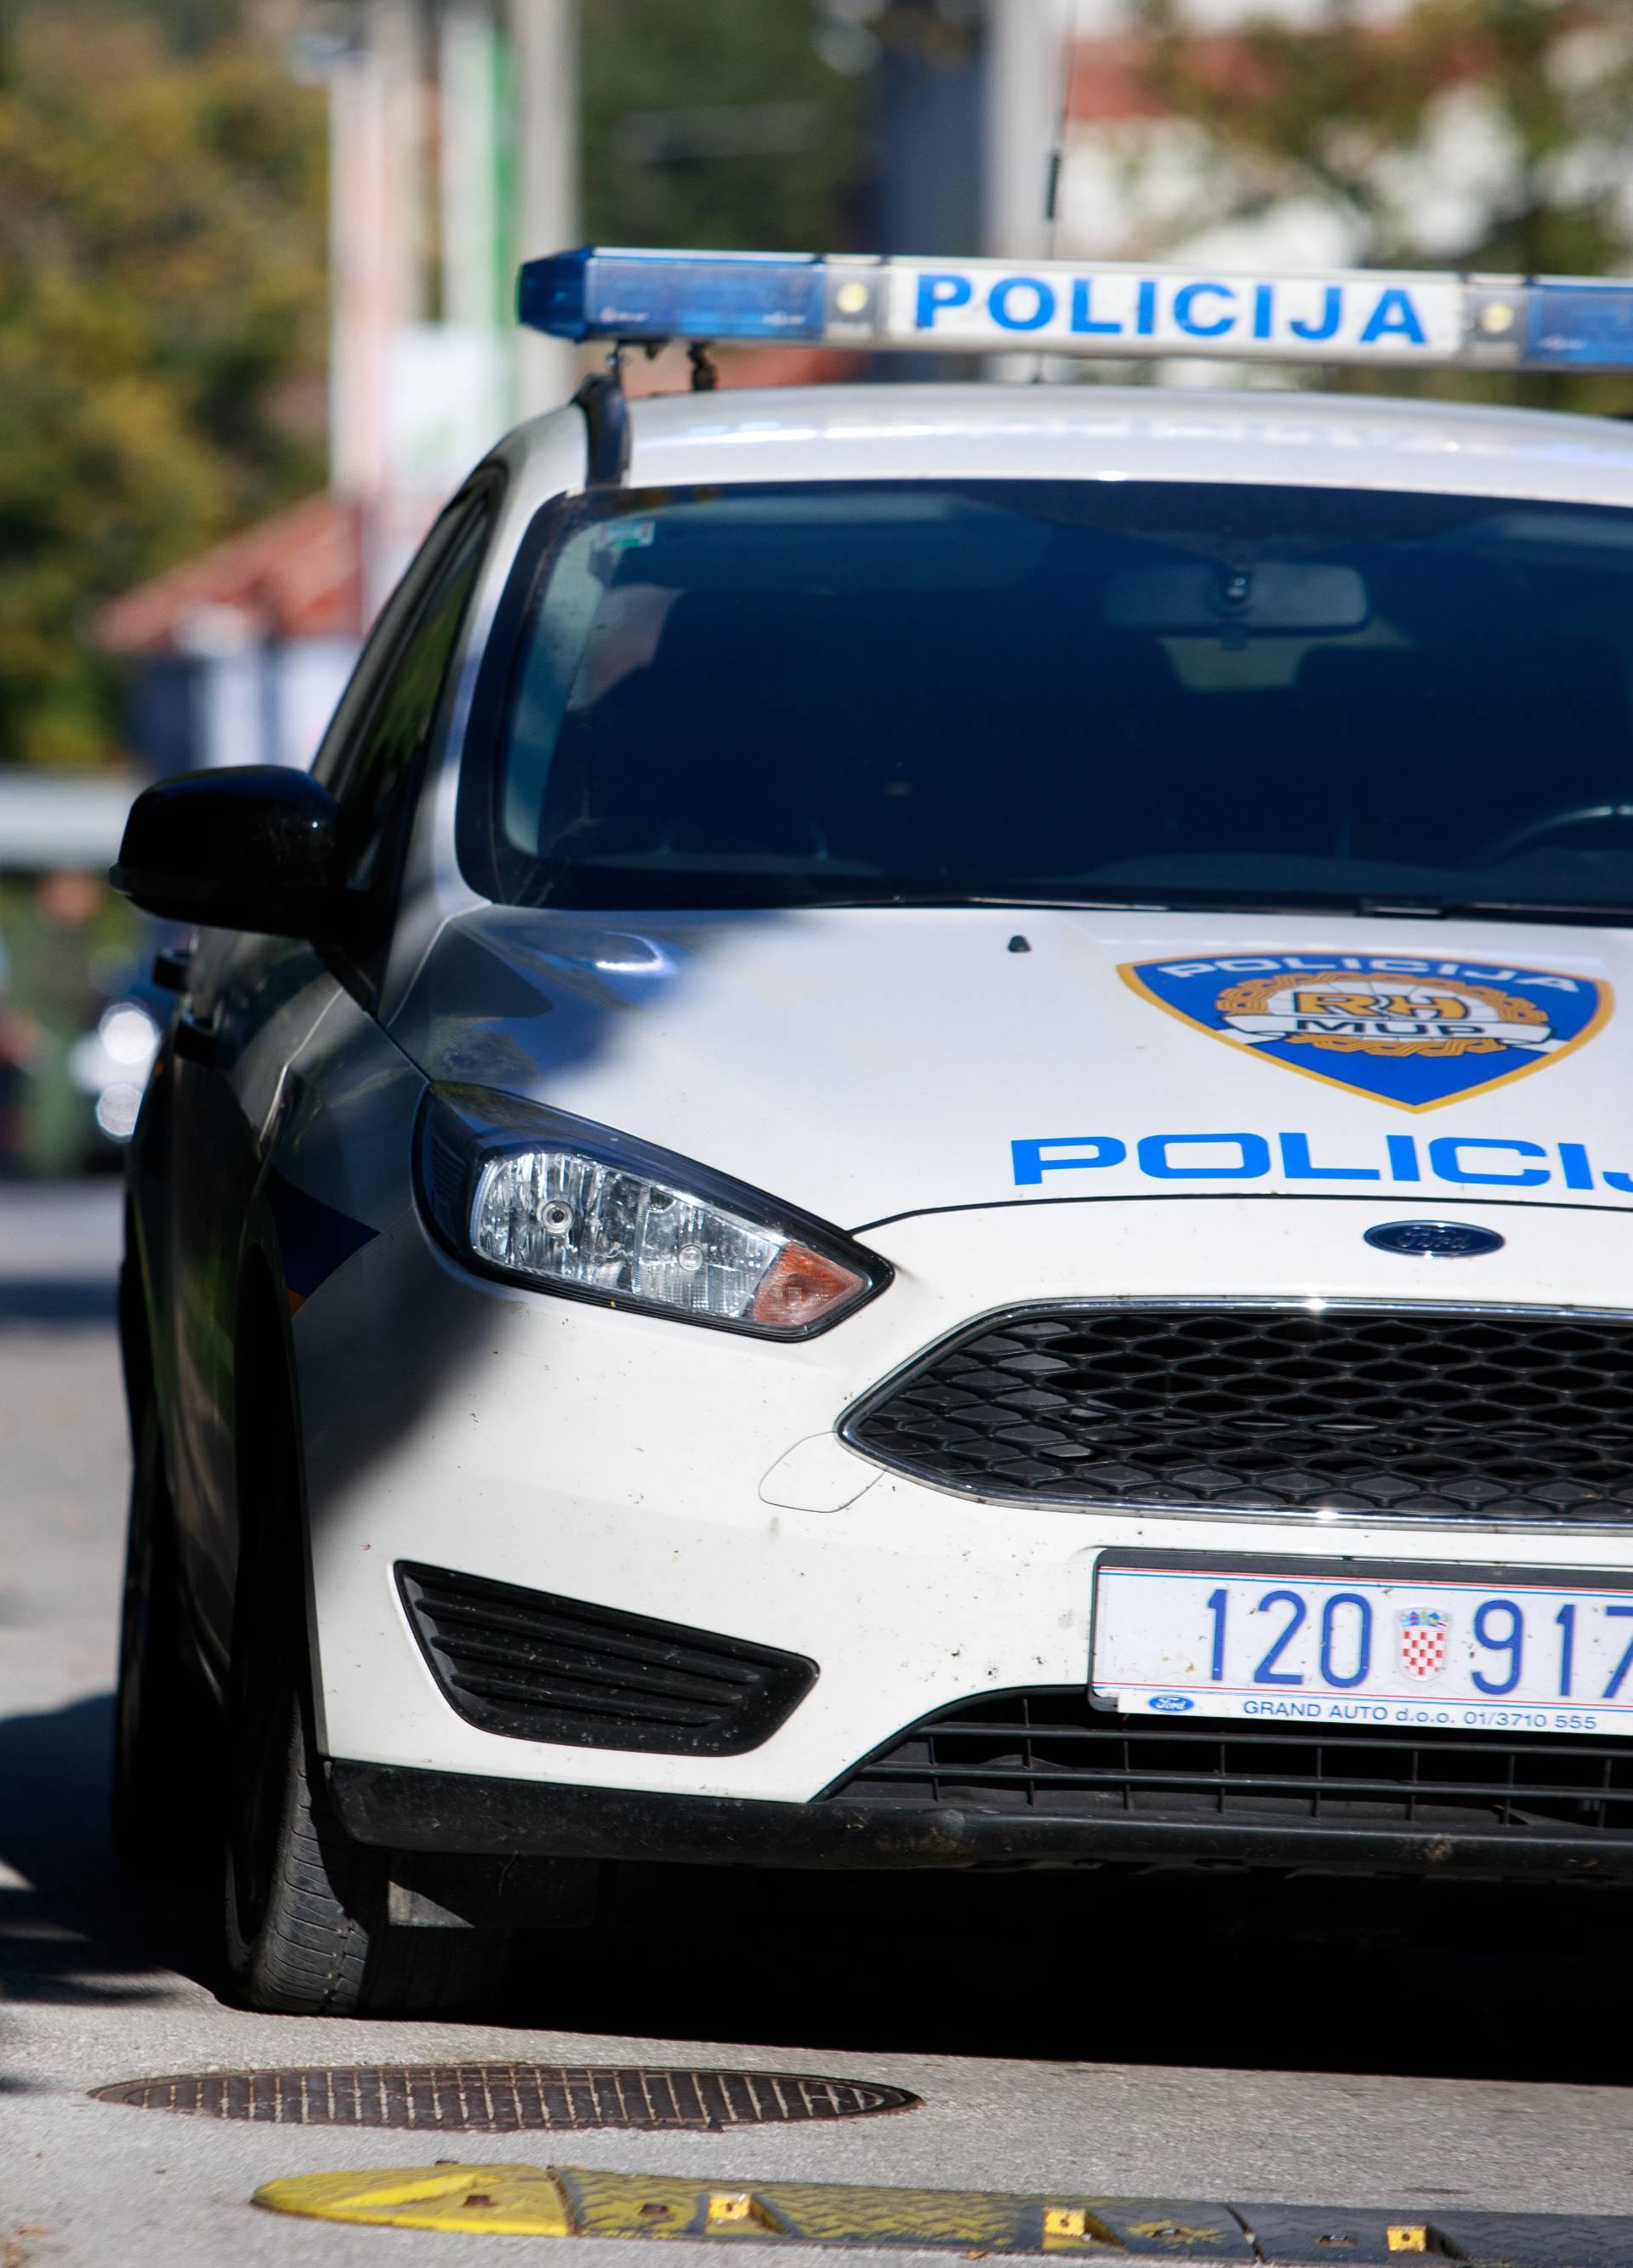 Kradljivac je djelatnici suda prijetio bombom i paležom